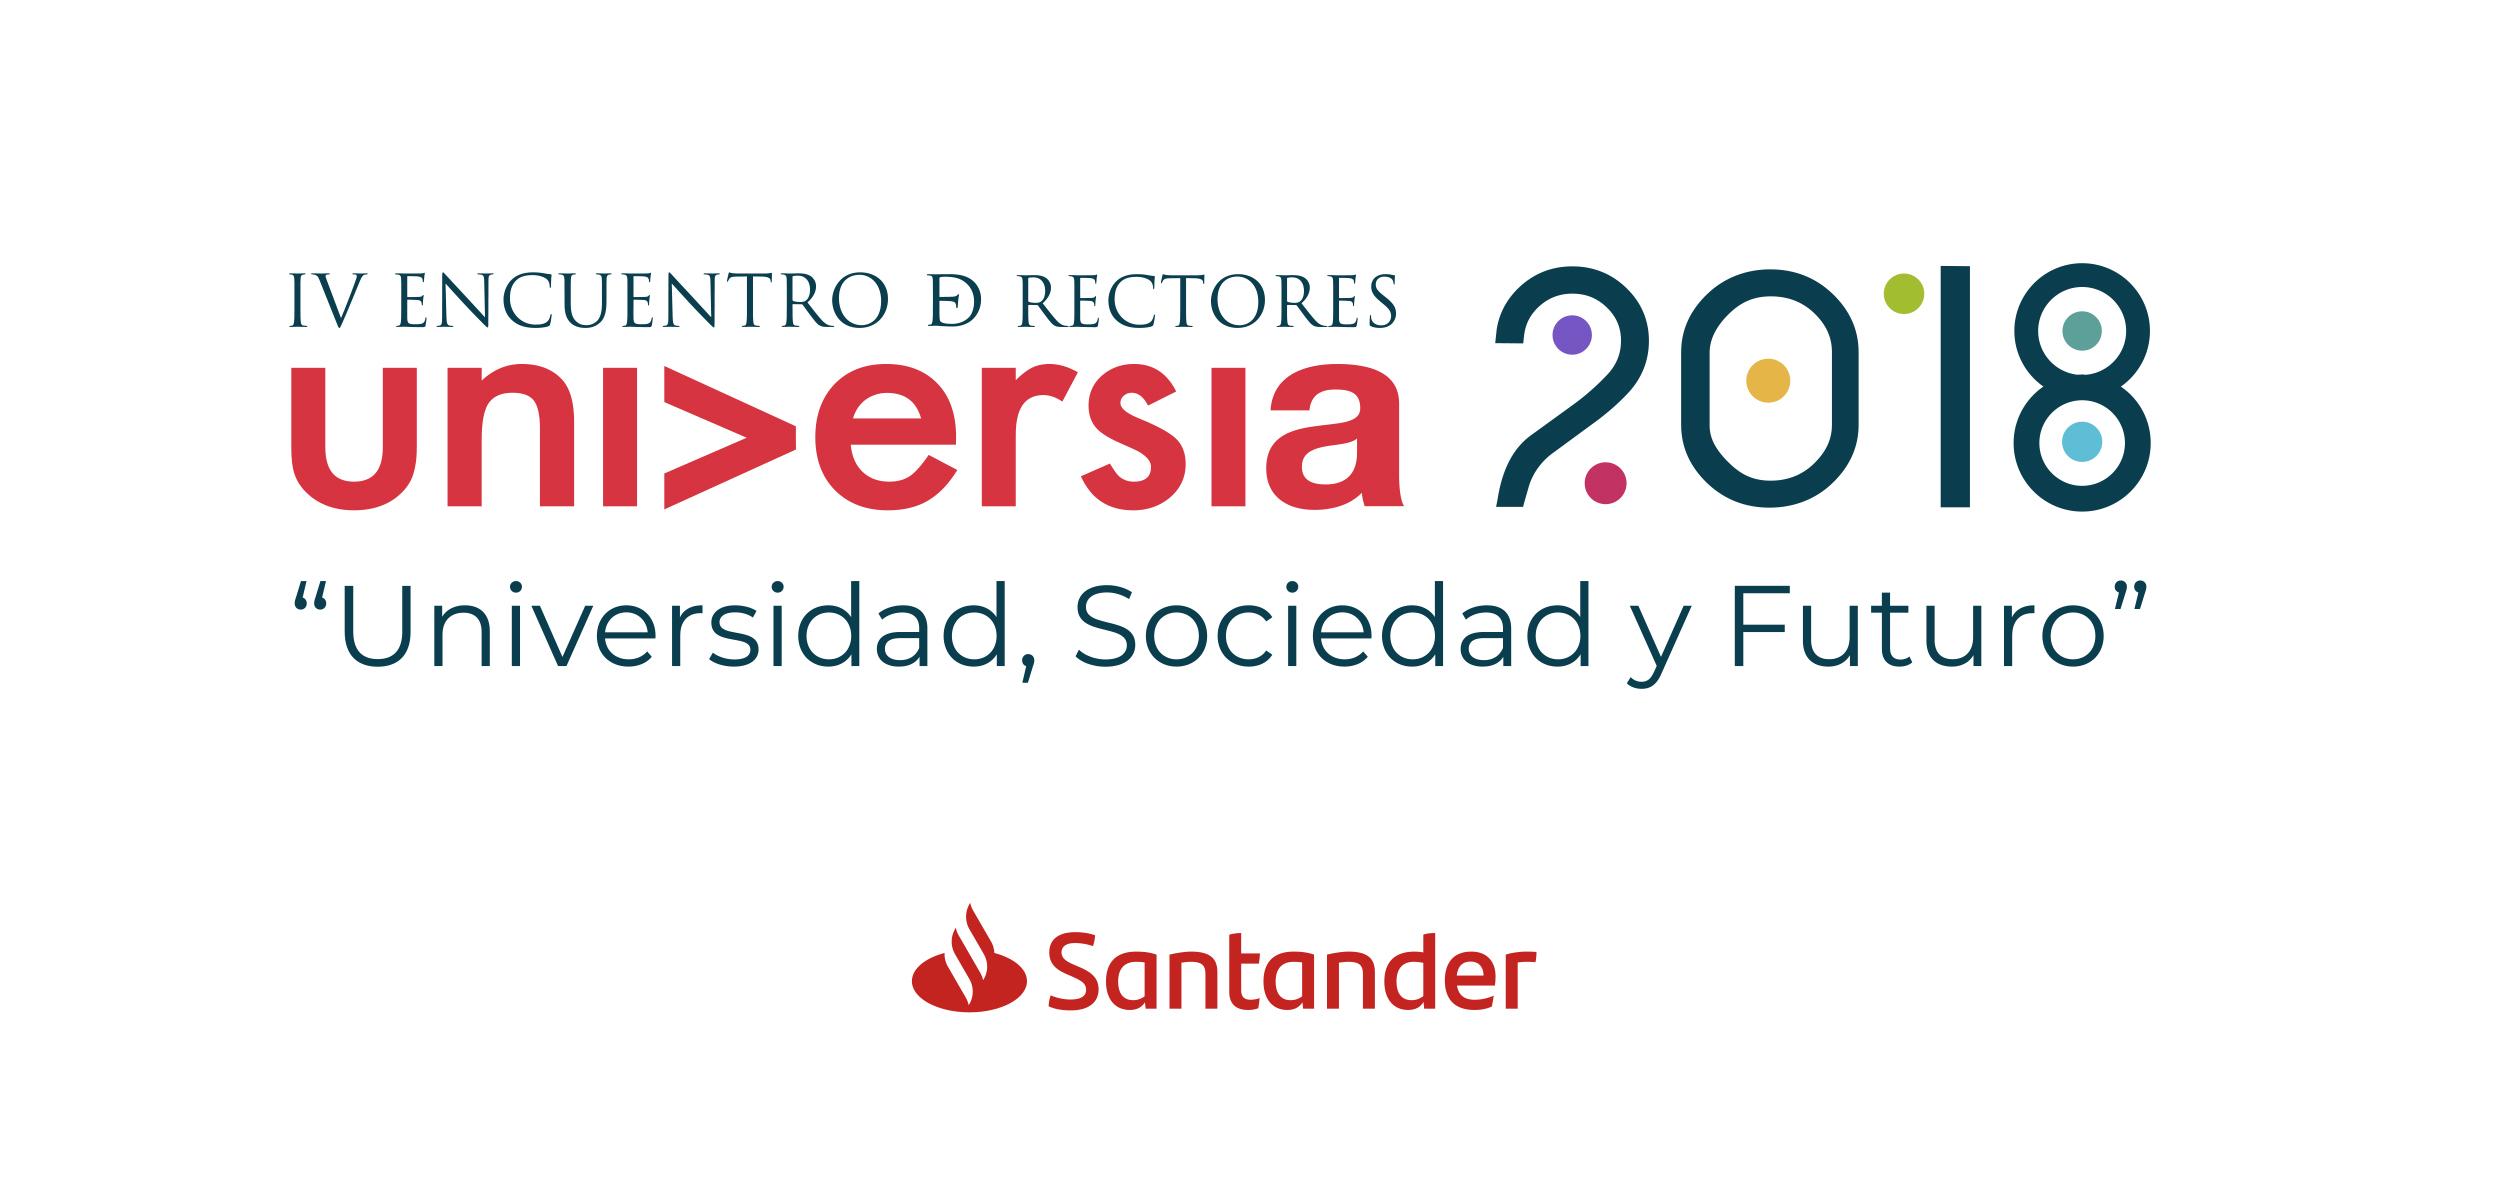 Banco Santander impulsa el IV Encuentro Internacional de Rectores Universia que inicia este lunes